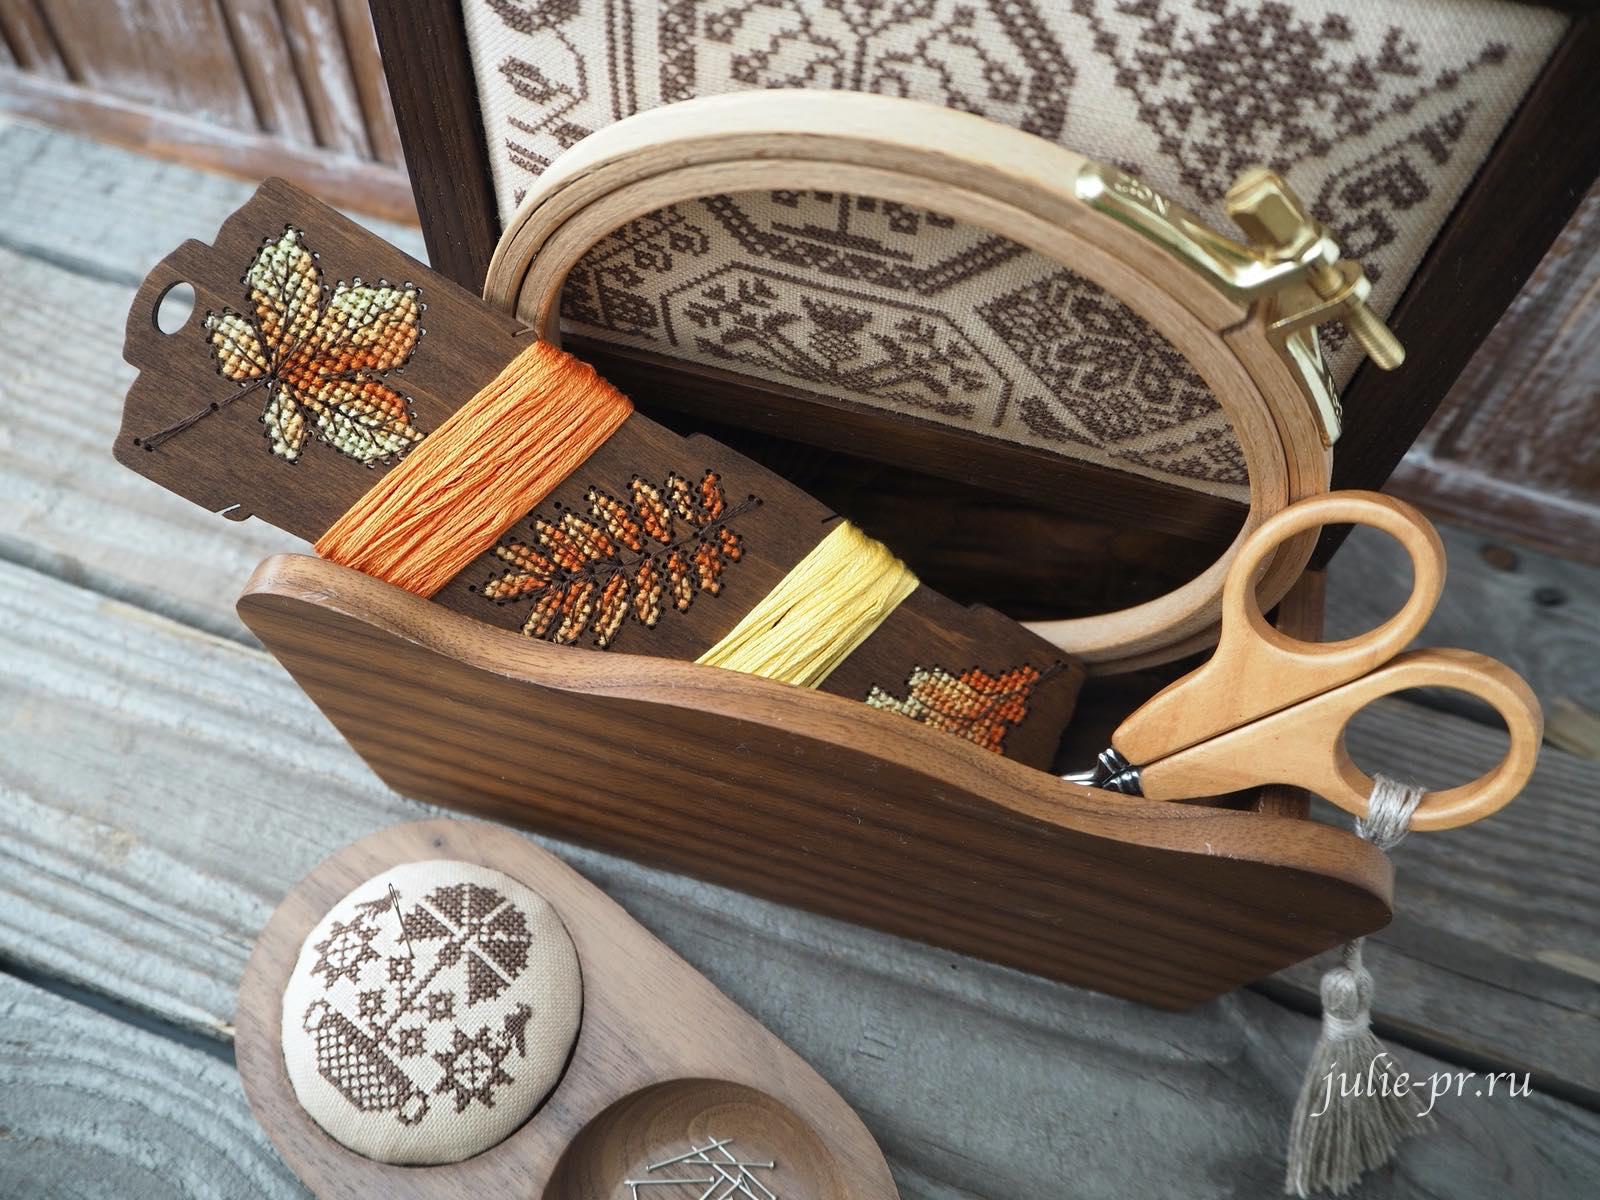 Gazette94, Quaker, вышивка крестом, примитив, квакер, бесплатная схема, Xiu Crafts, Storage holder Spring rabbit, деревянная бобинка Колесникова